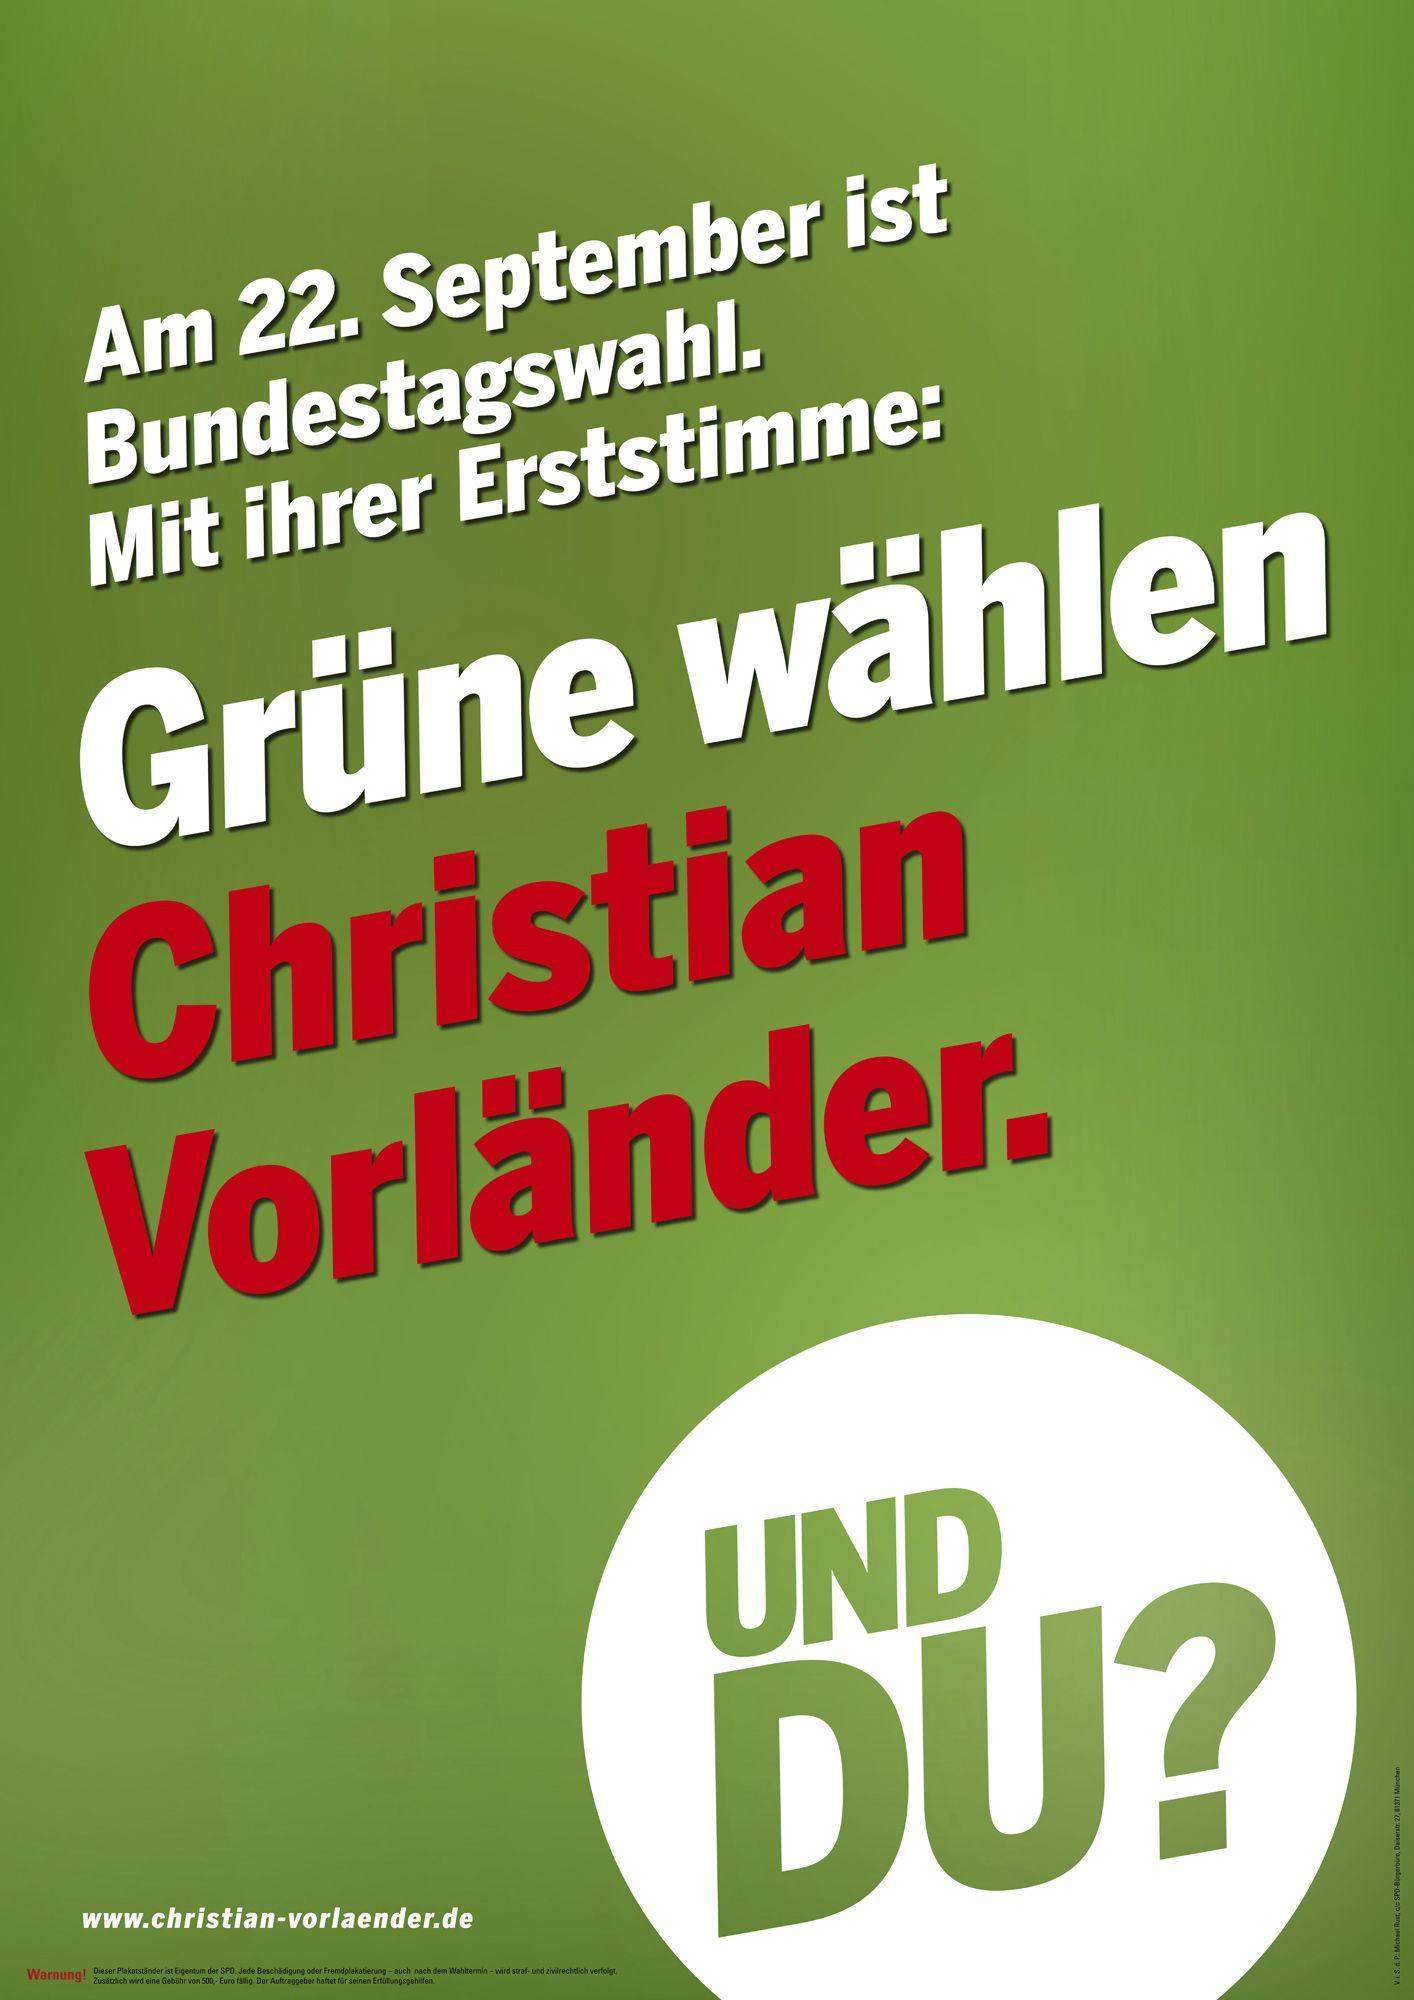 EINMALIGE VERWENDUNG SPD / PLAKAT / Christian VorlÄnder